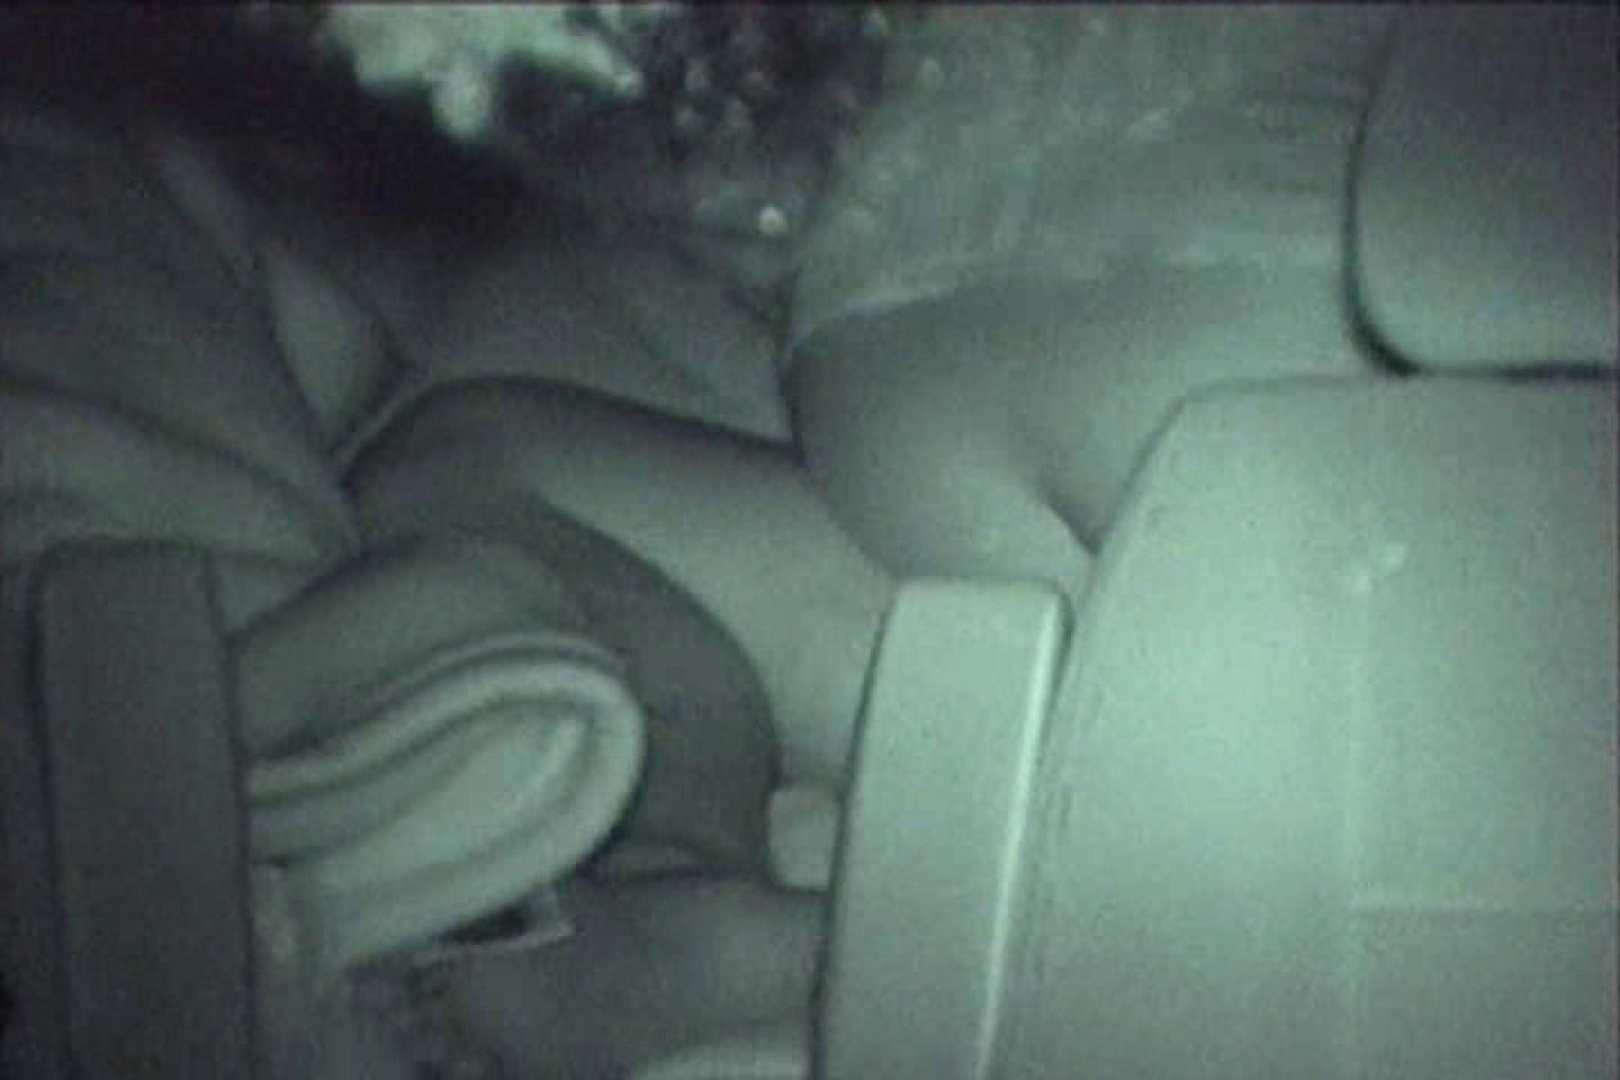 車の中はラブホテル 無修正版  Vol.21 カップル おまんこ動画流出 83pic 73